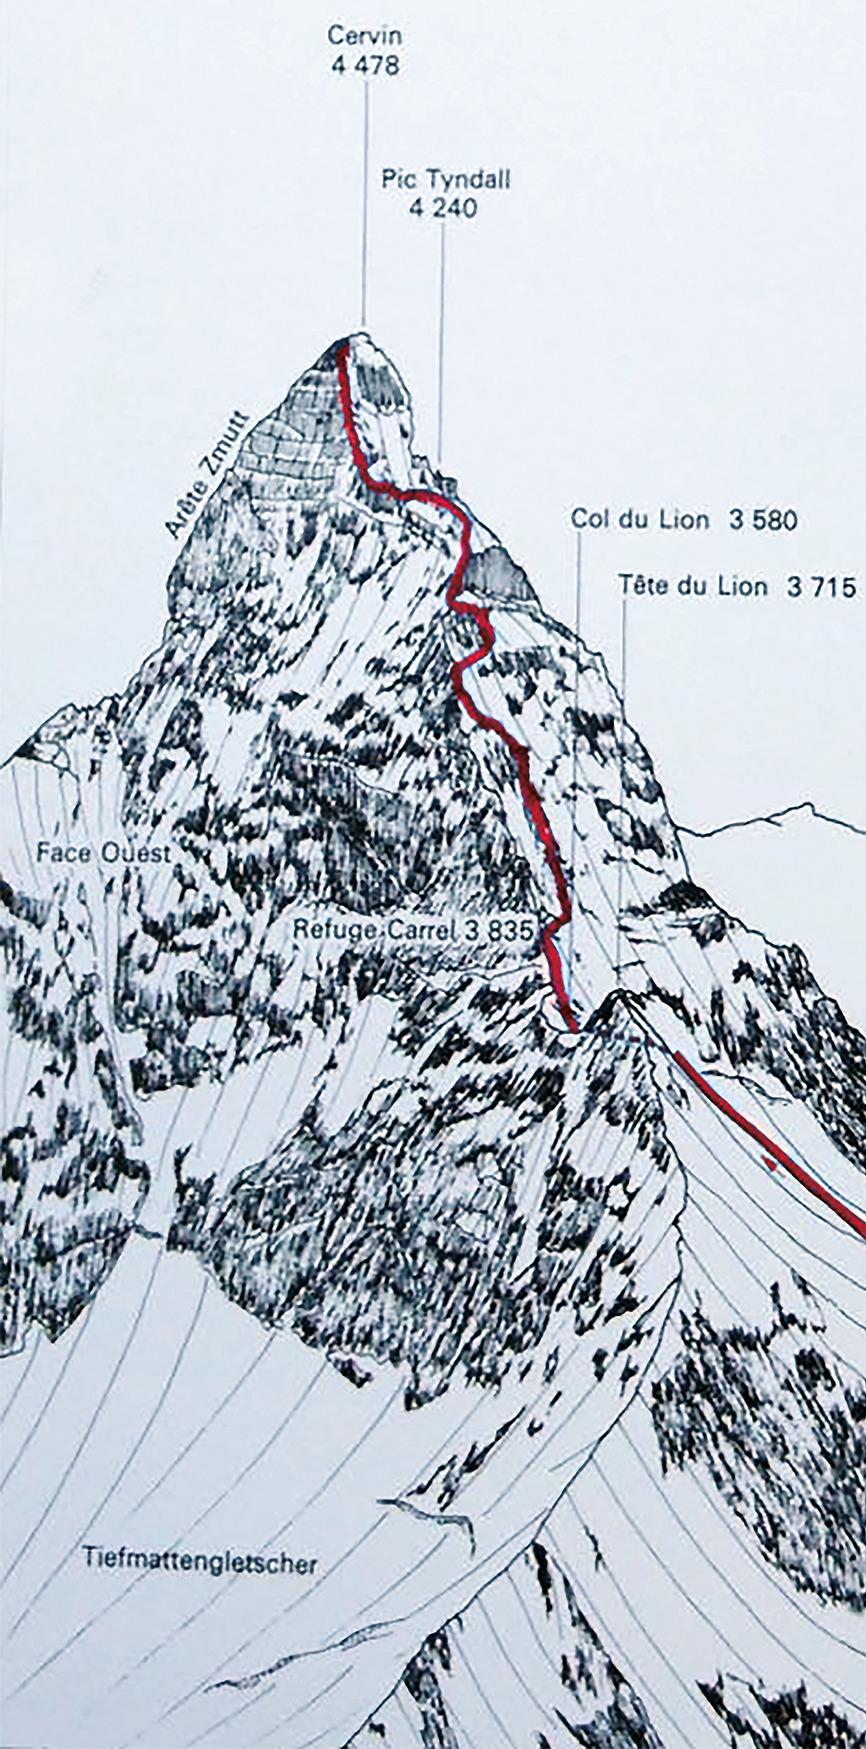 Le parcours de l'ascension du Cervin utilisé par Tania